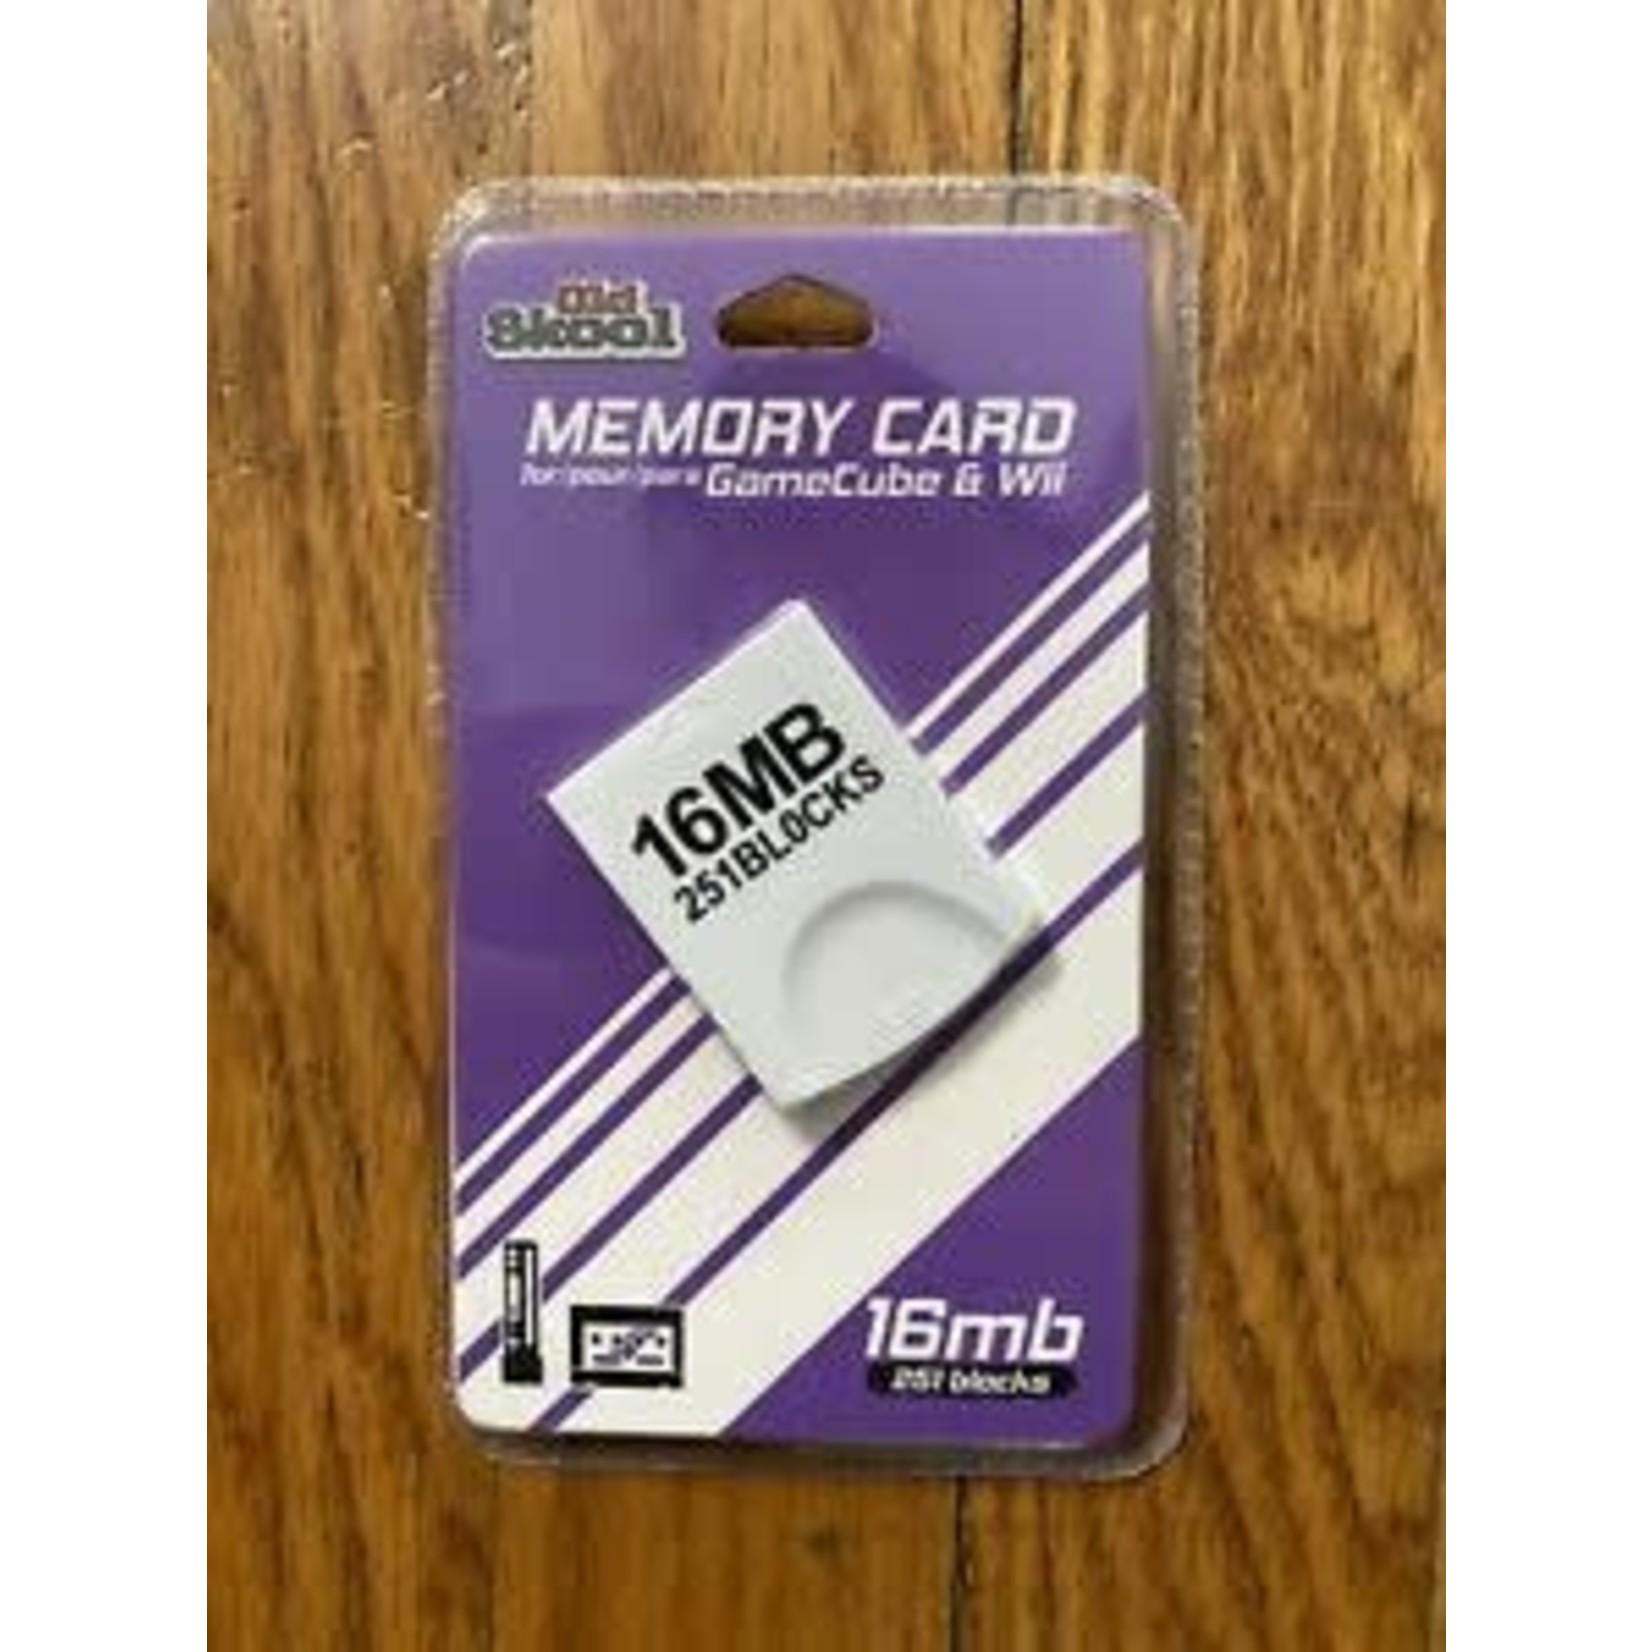 OLD SKOOL 16 MB GAMECUBE MEMORY CARD